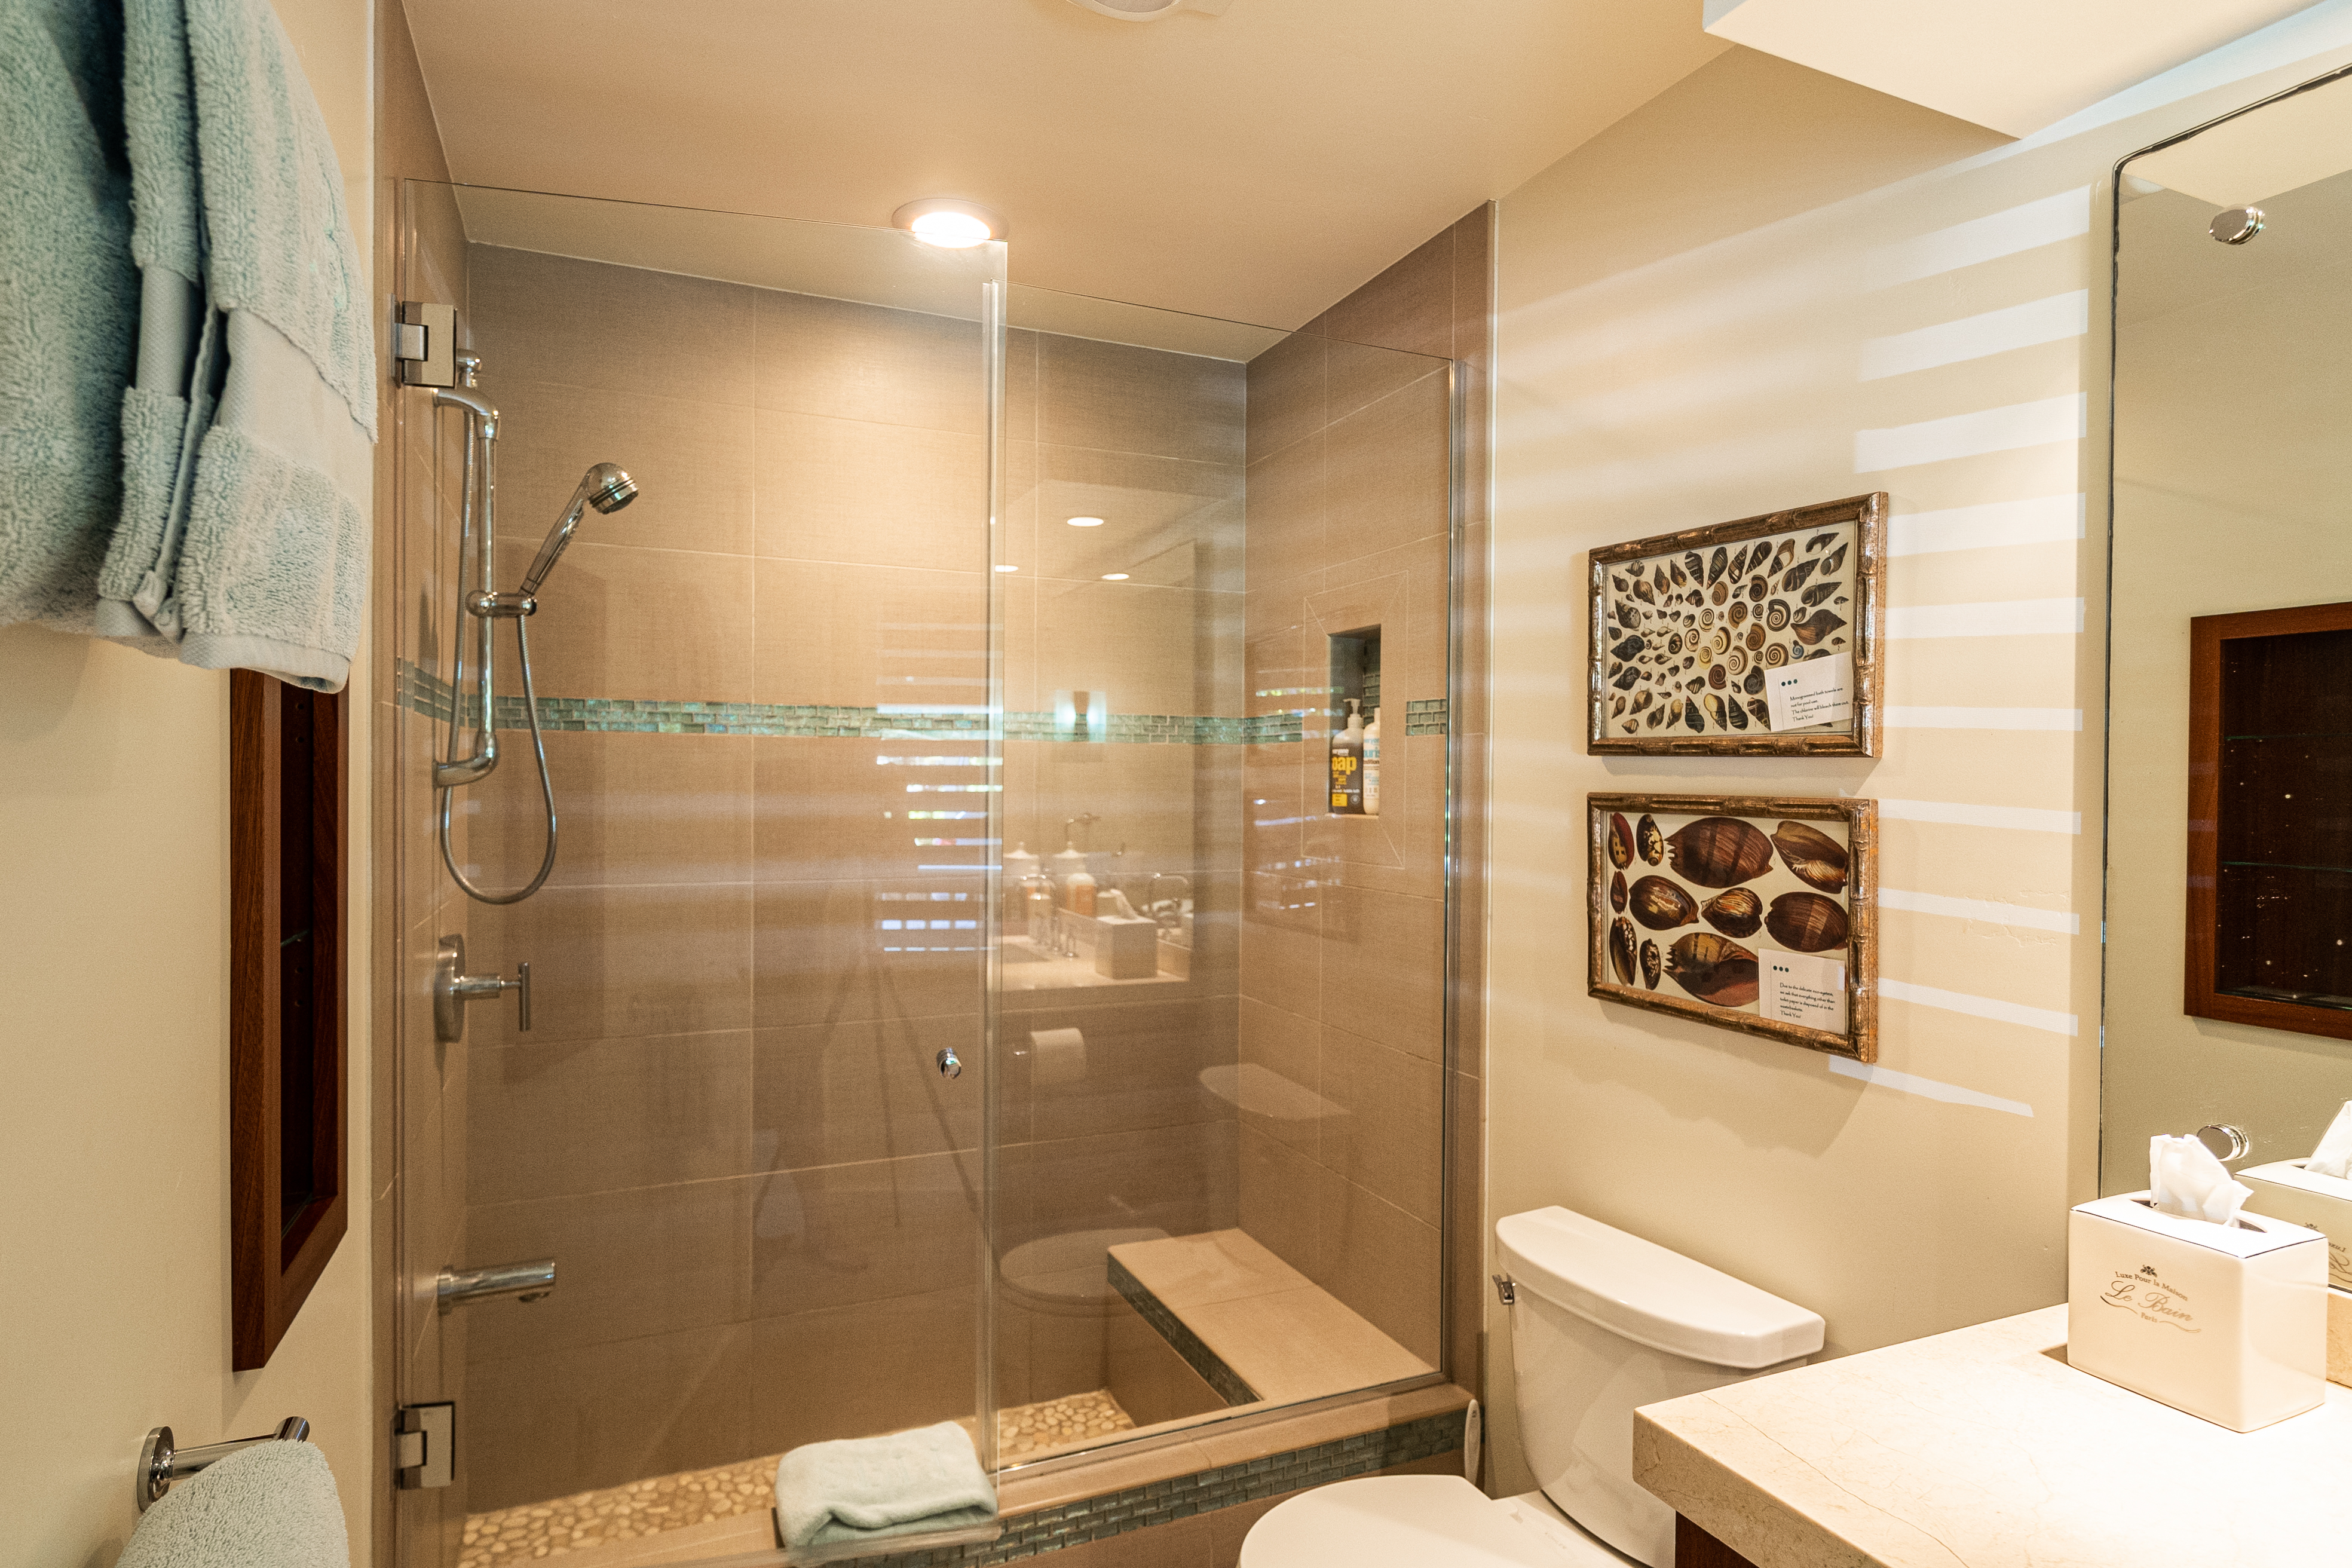 Interior 22 - Bathroom